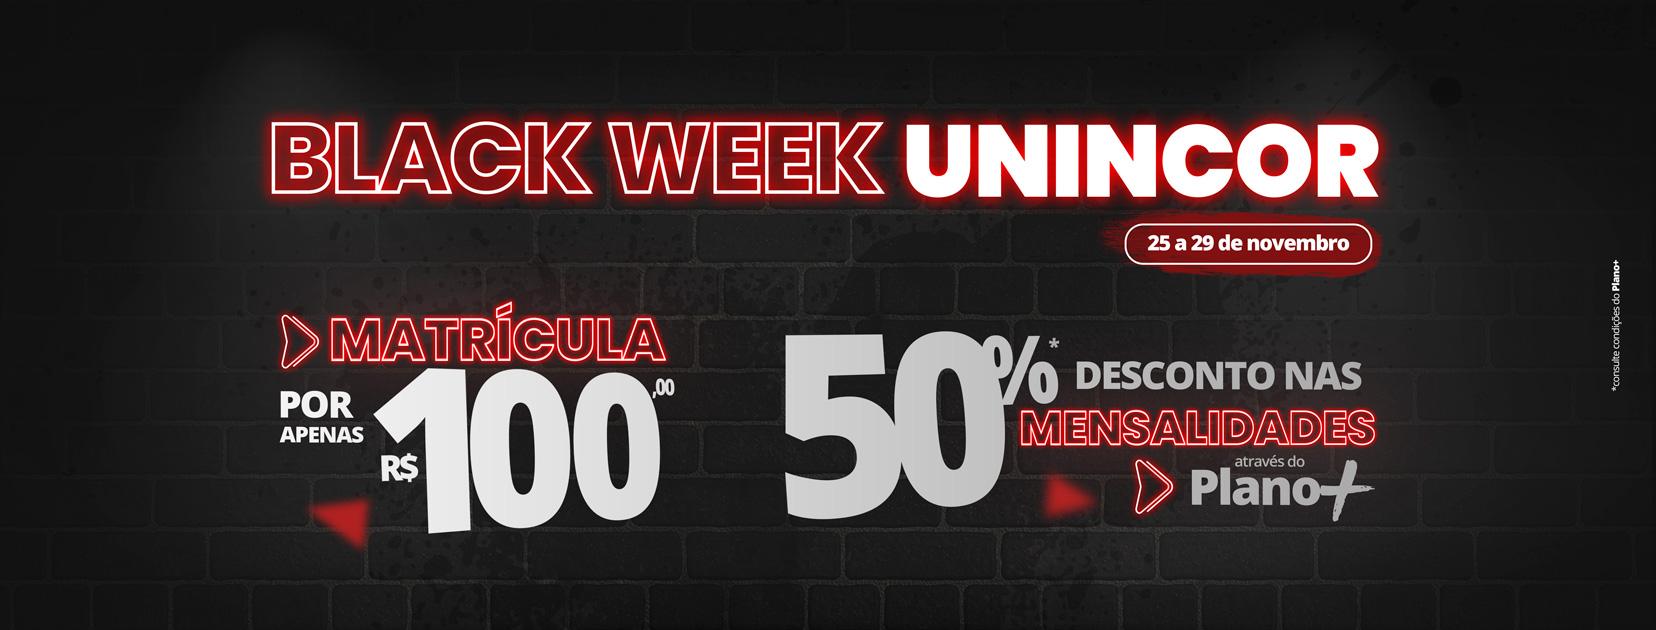 blog black week